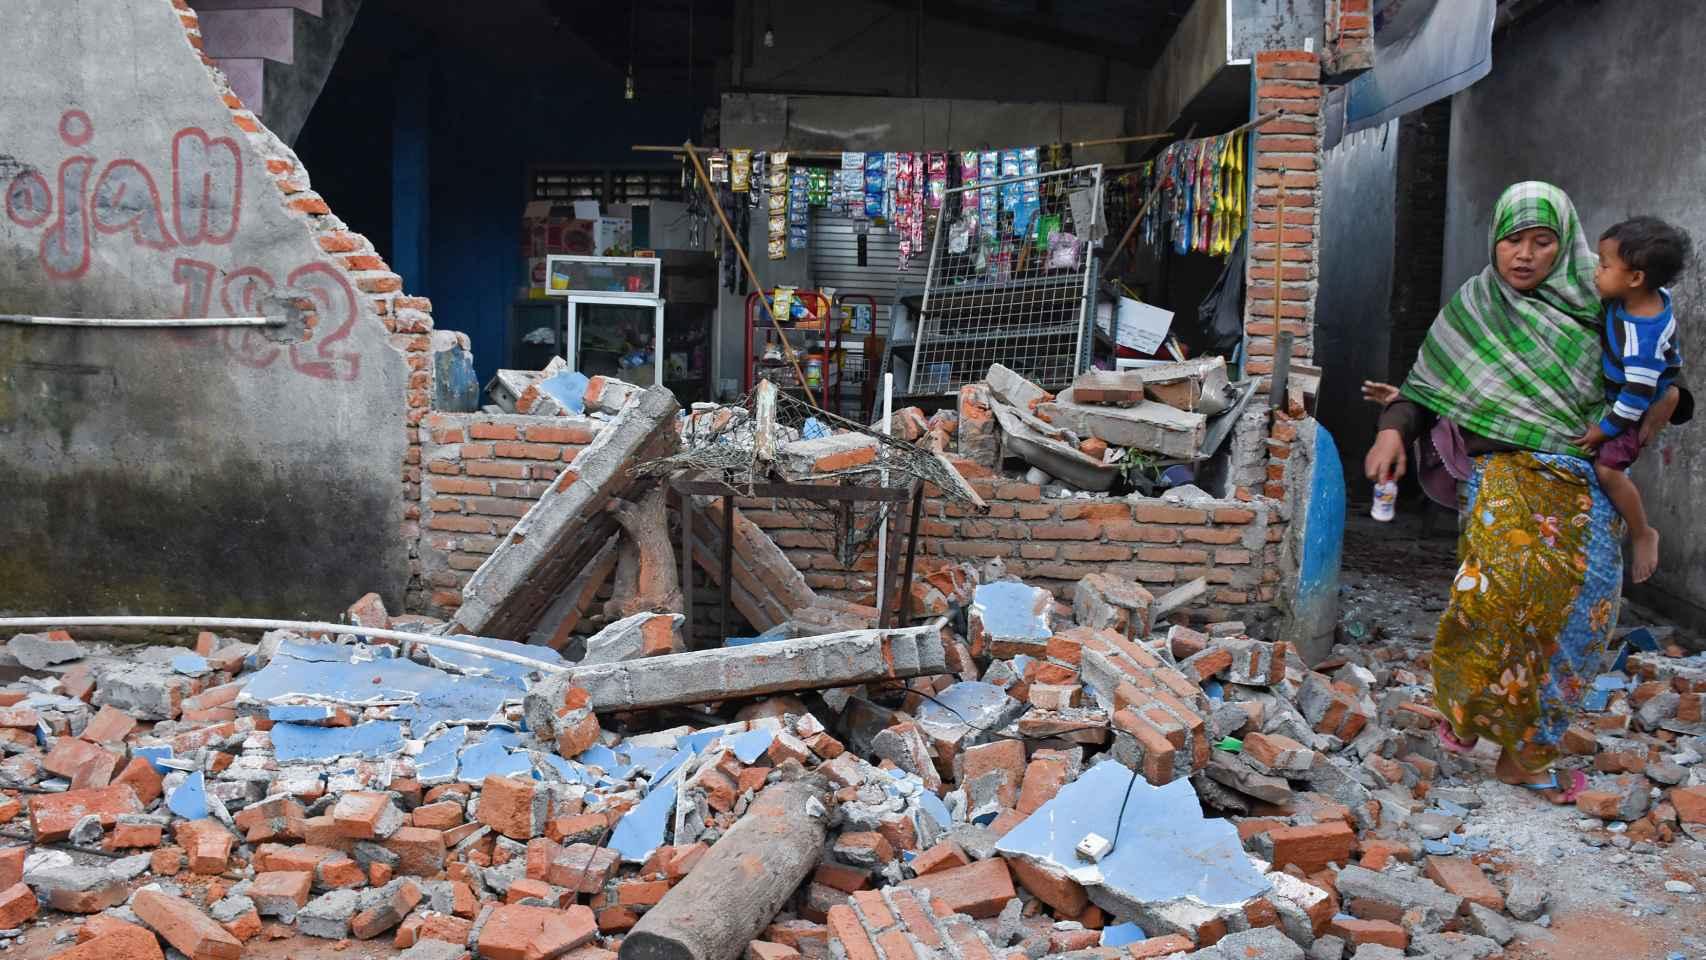 La embajada de España en Indonesia desaconseja a los ciudadanos españoles desplazarse en los próximos días a Lombok y a las tres islas Gili.